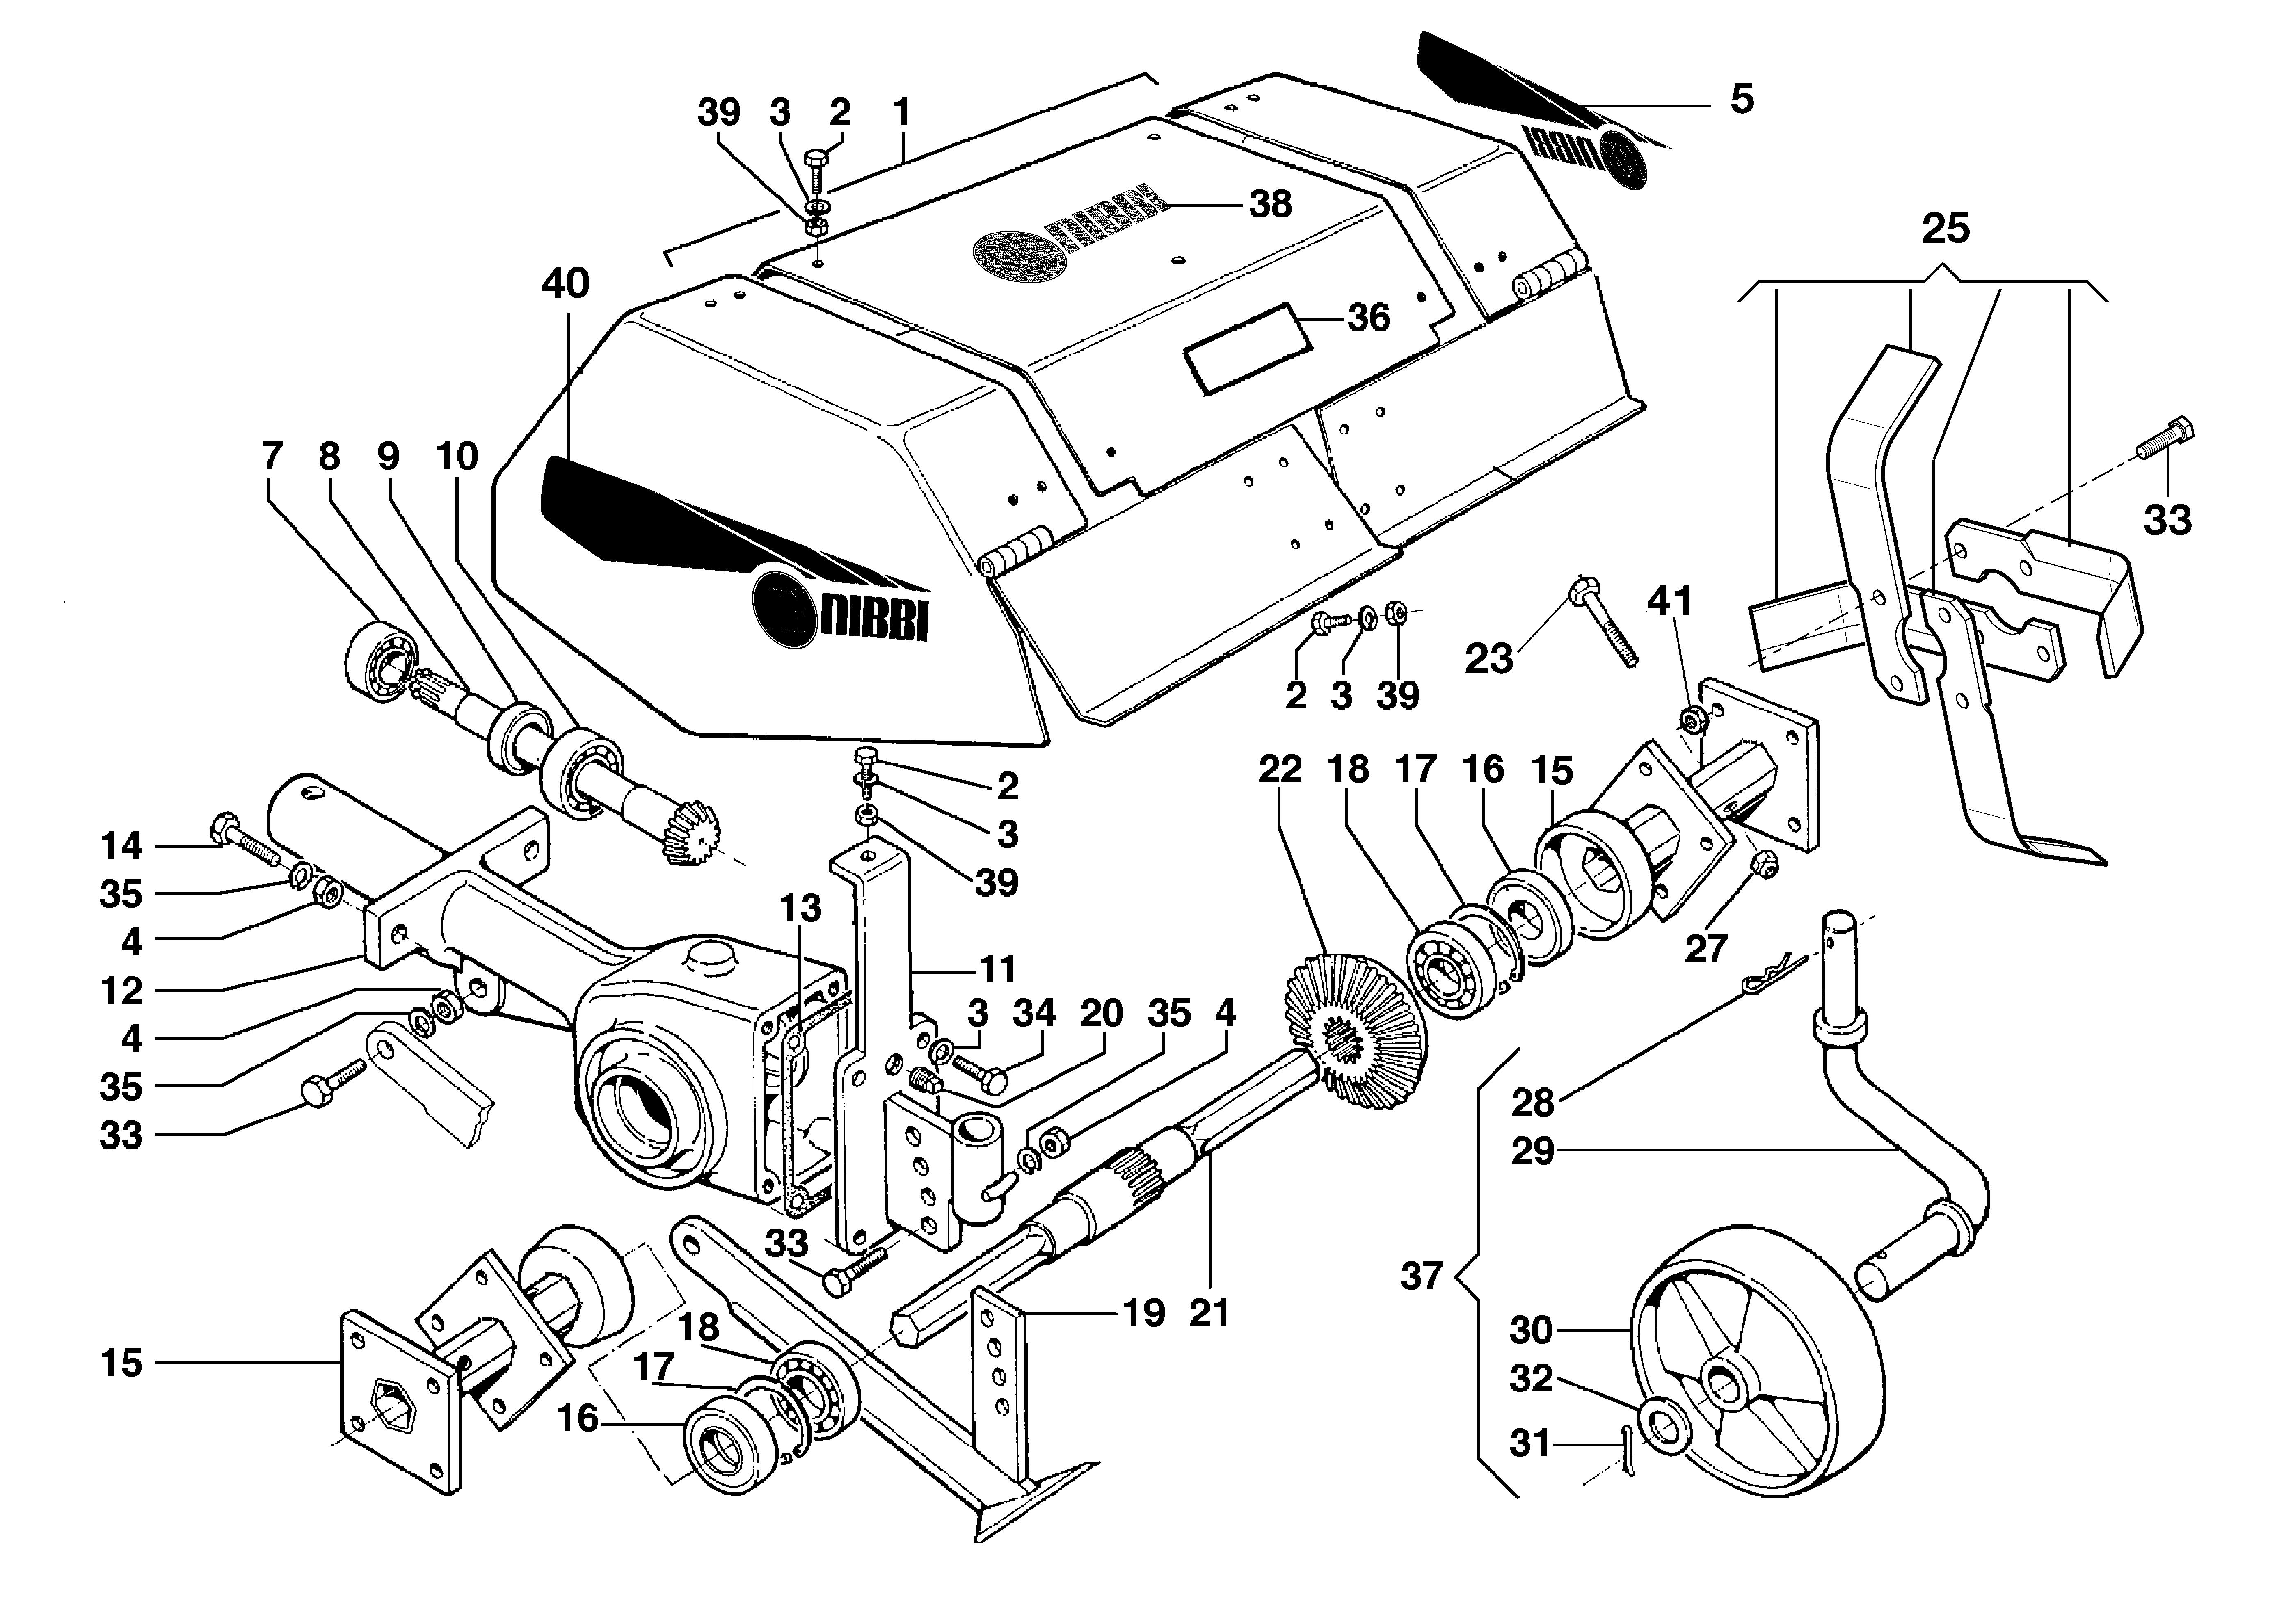 BRIK 3 (EN 709) Motoculteur OLEOMAC NIBBI vue éclatée Dessins pièces -  Fraise 69219018/69219019